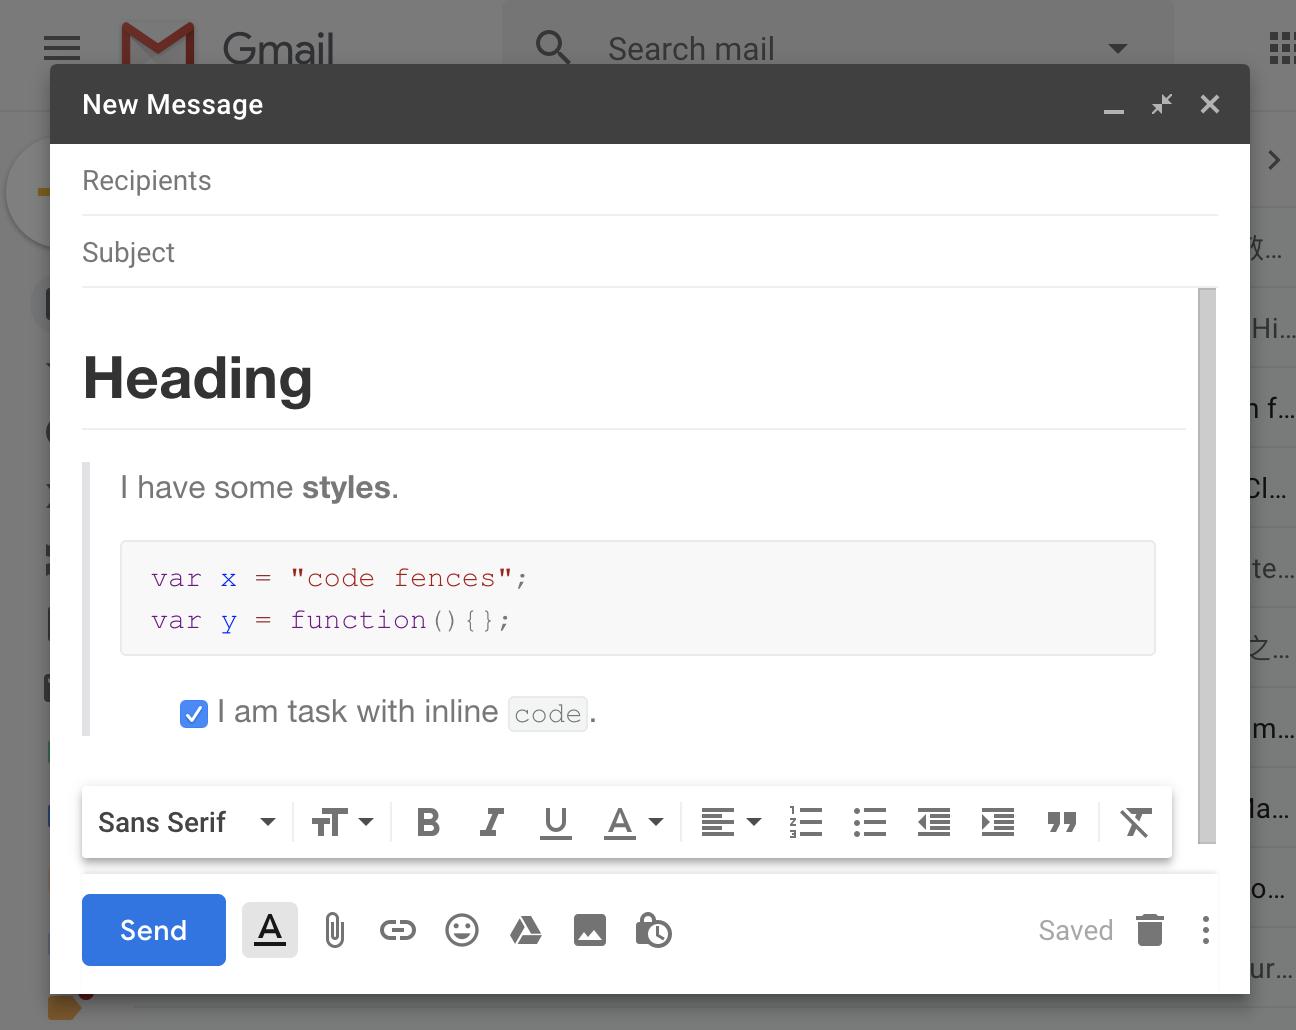 粘贴到Gmail中(将粘贴具有丰富样式的内容)